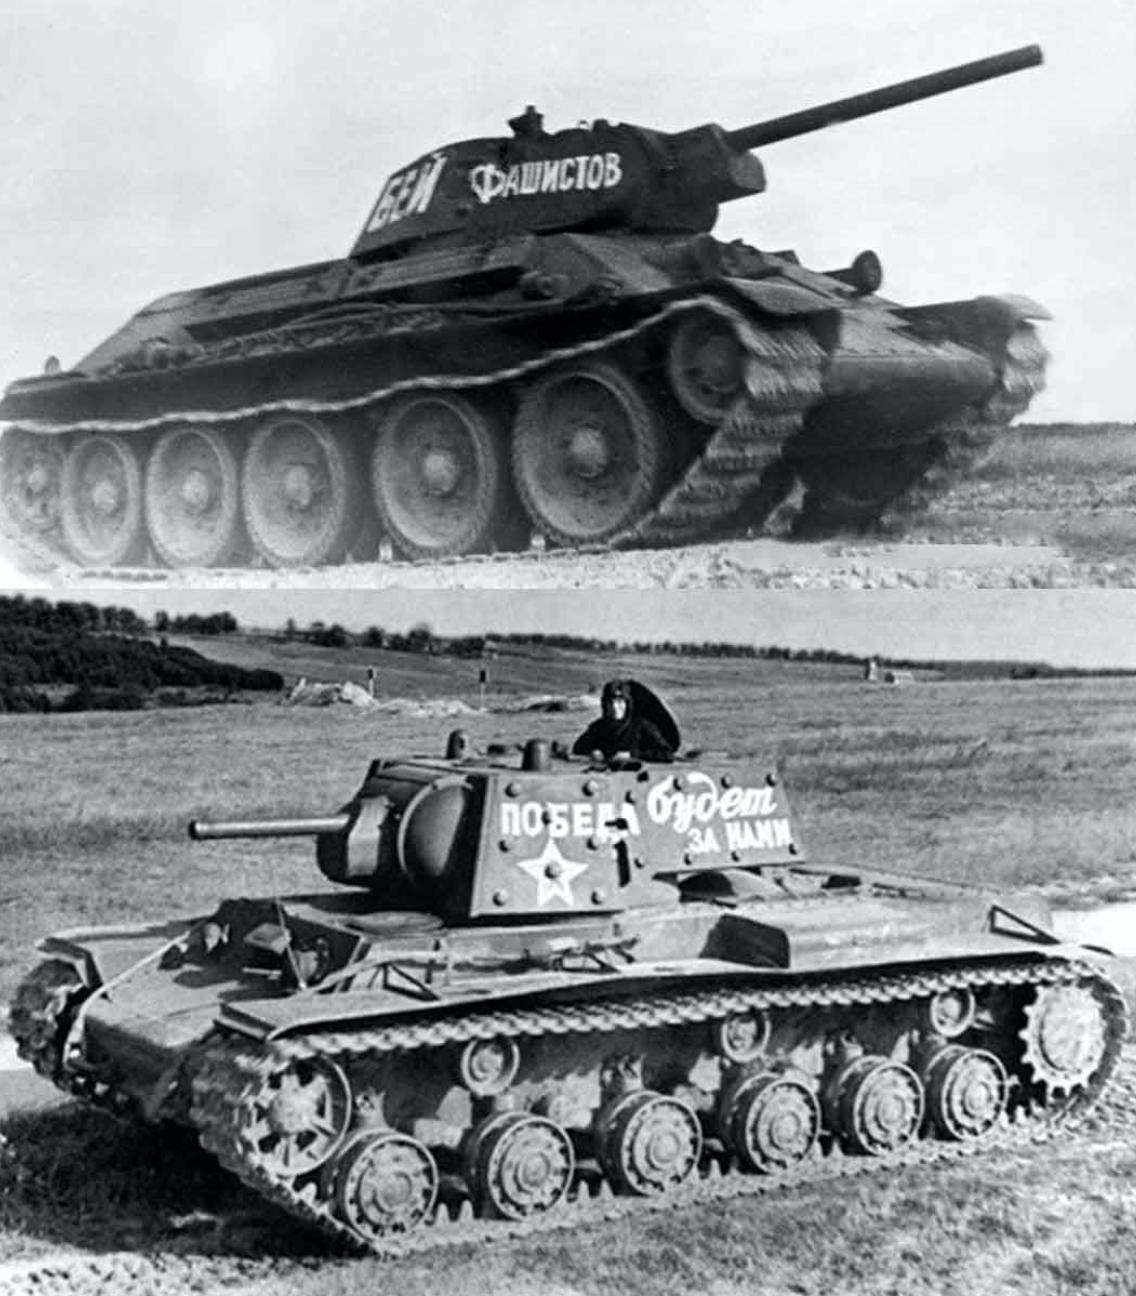 Совјетски тенкови: средњи тенк Т-34/76 и тешки тенк КВ-1